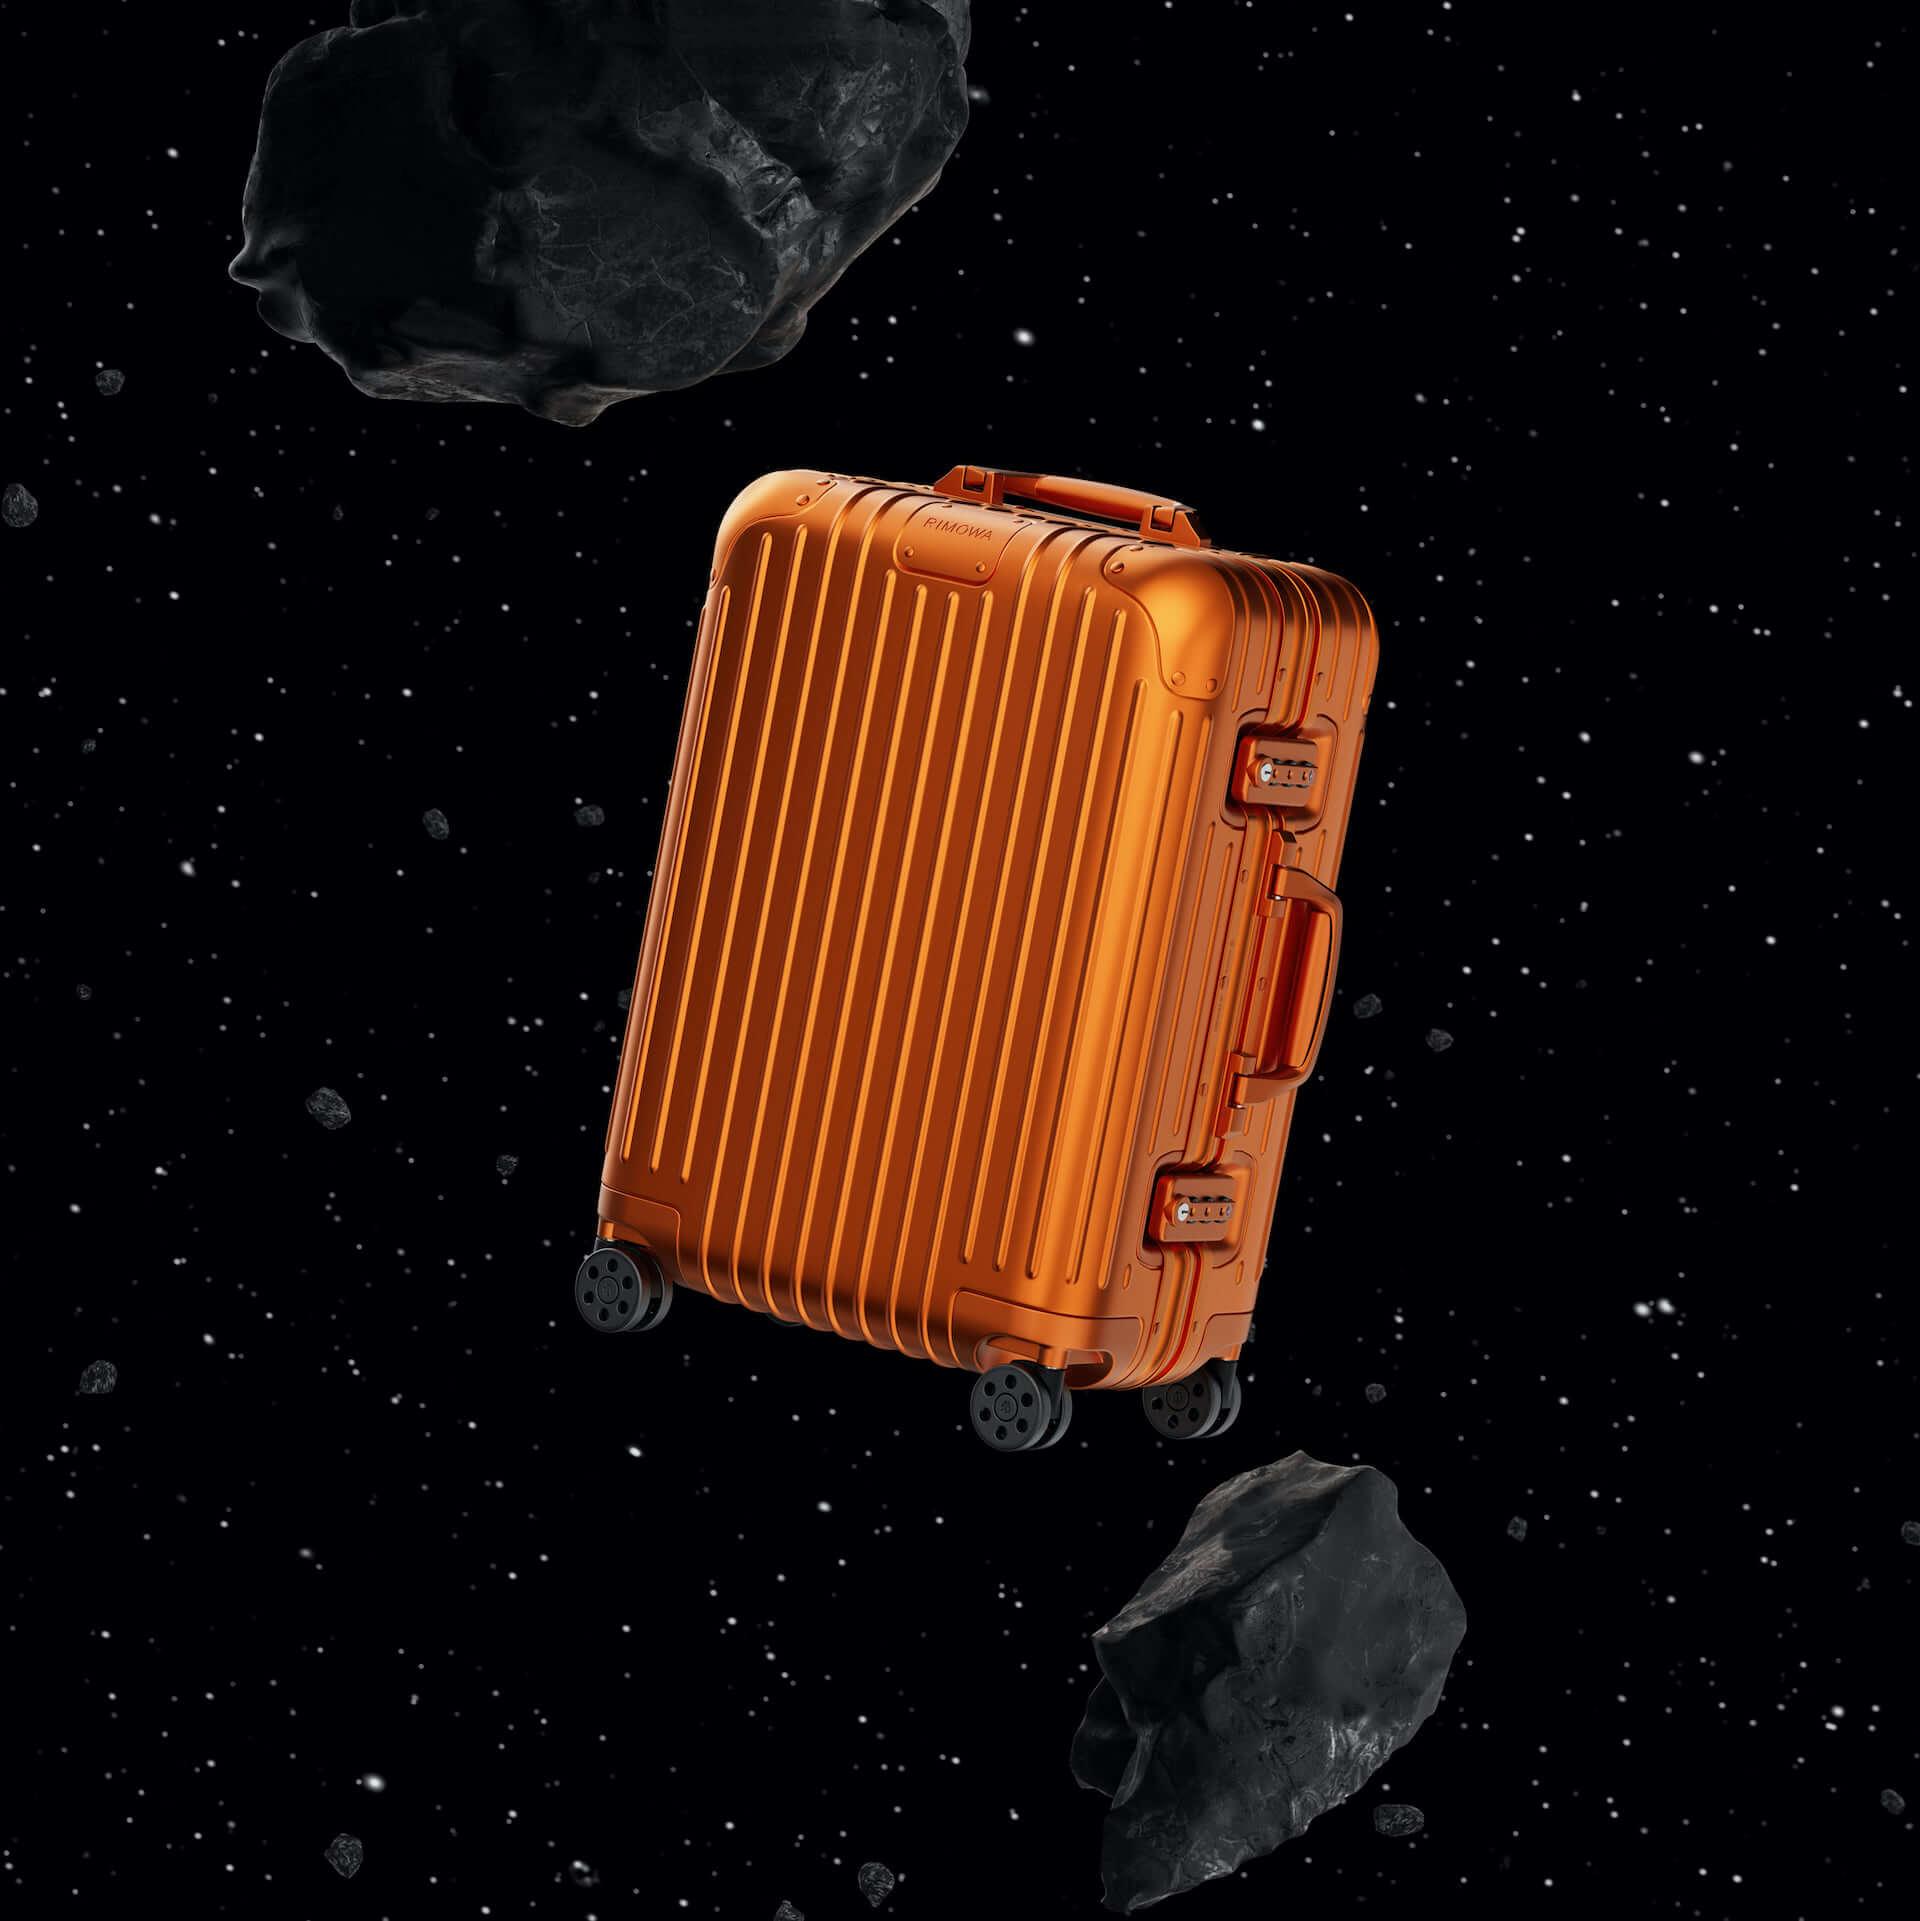 RIMOWAを代表するアルミニウム合金製スーツケースの新色が発売決定!銀河から着想を得たオレンジ、ミディアムグレーが登場 tech210202_rimowa_4-1920x1921